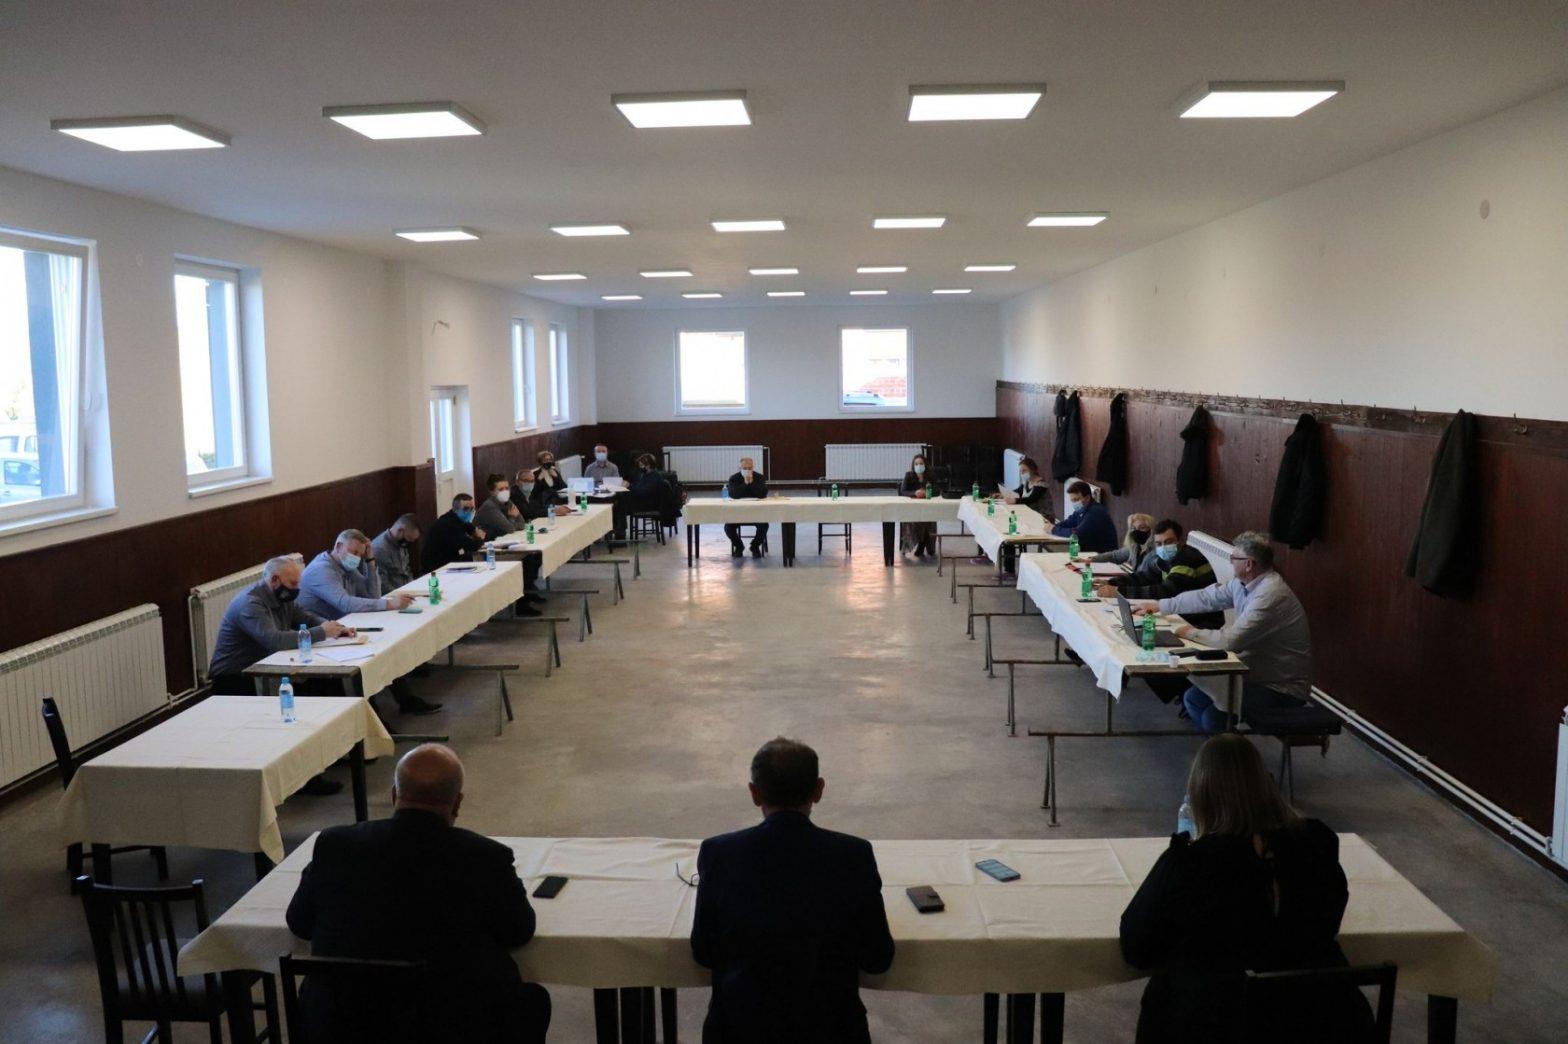 23. sjednica Gradskog vijeća održana u novoobnovljenom Društvenom domu u Marinom Selu